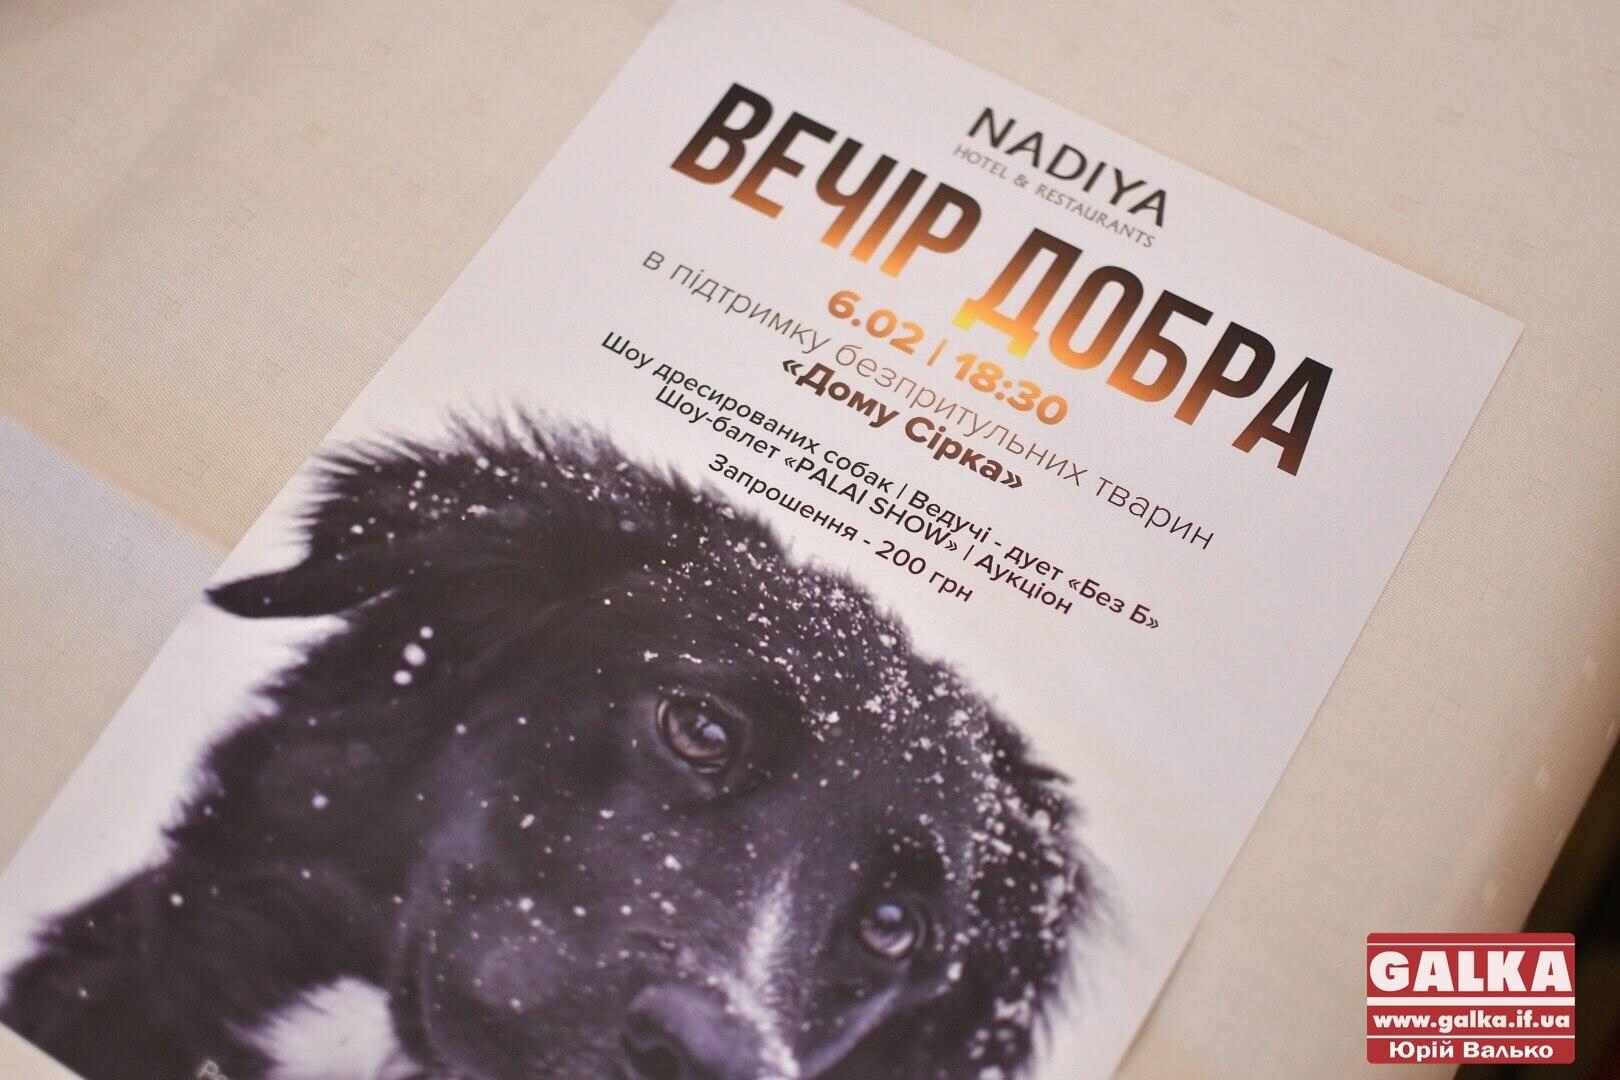 Для порятунку безпритульних собак у Франківську проведуть благодійний вечір (ФОТО)